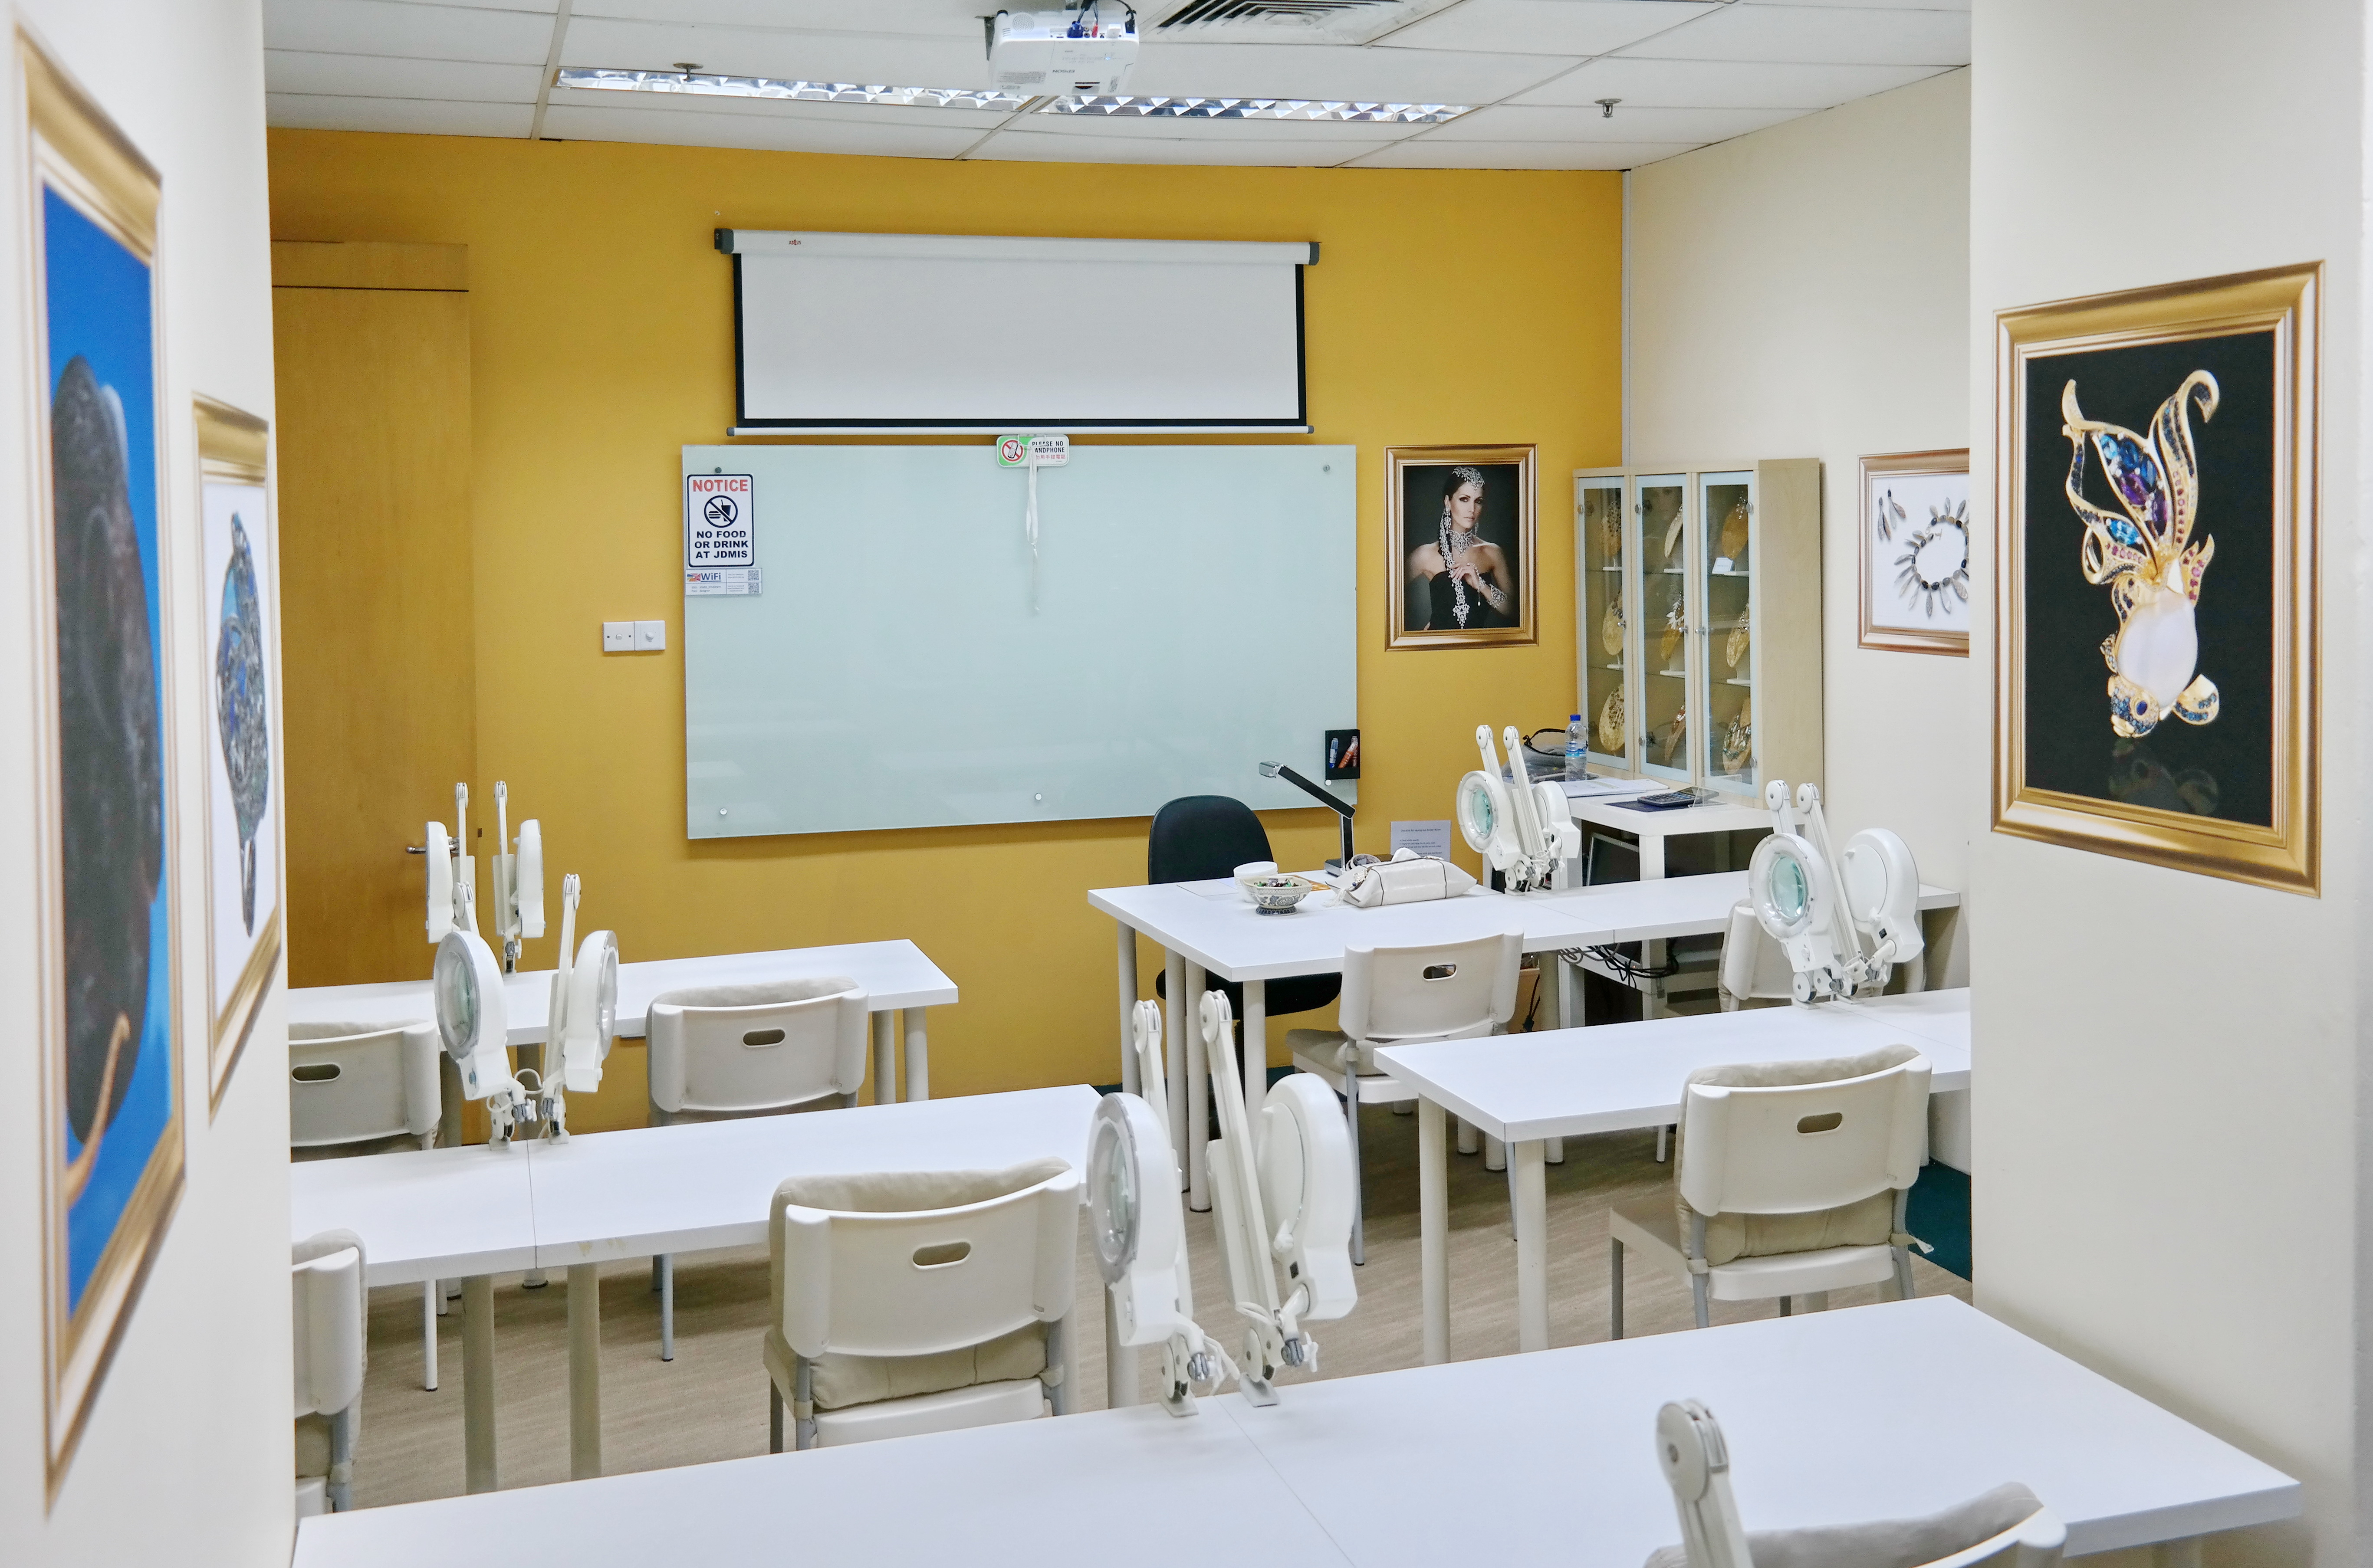 Classroom Design  Classroom Architect  SMARTdesks